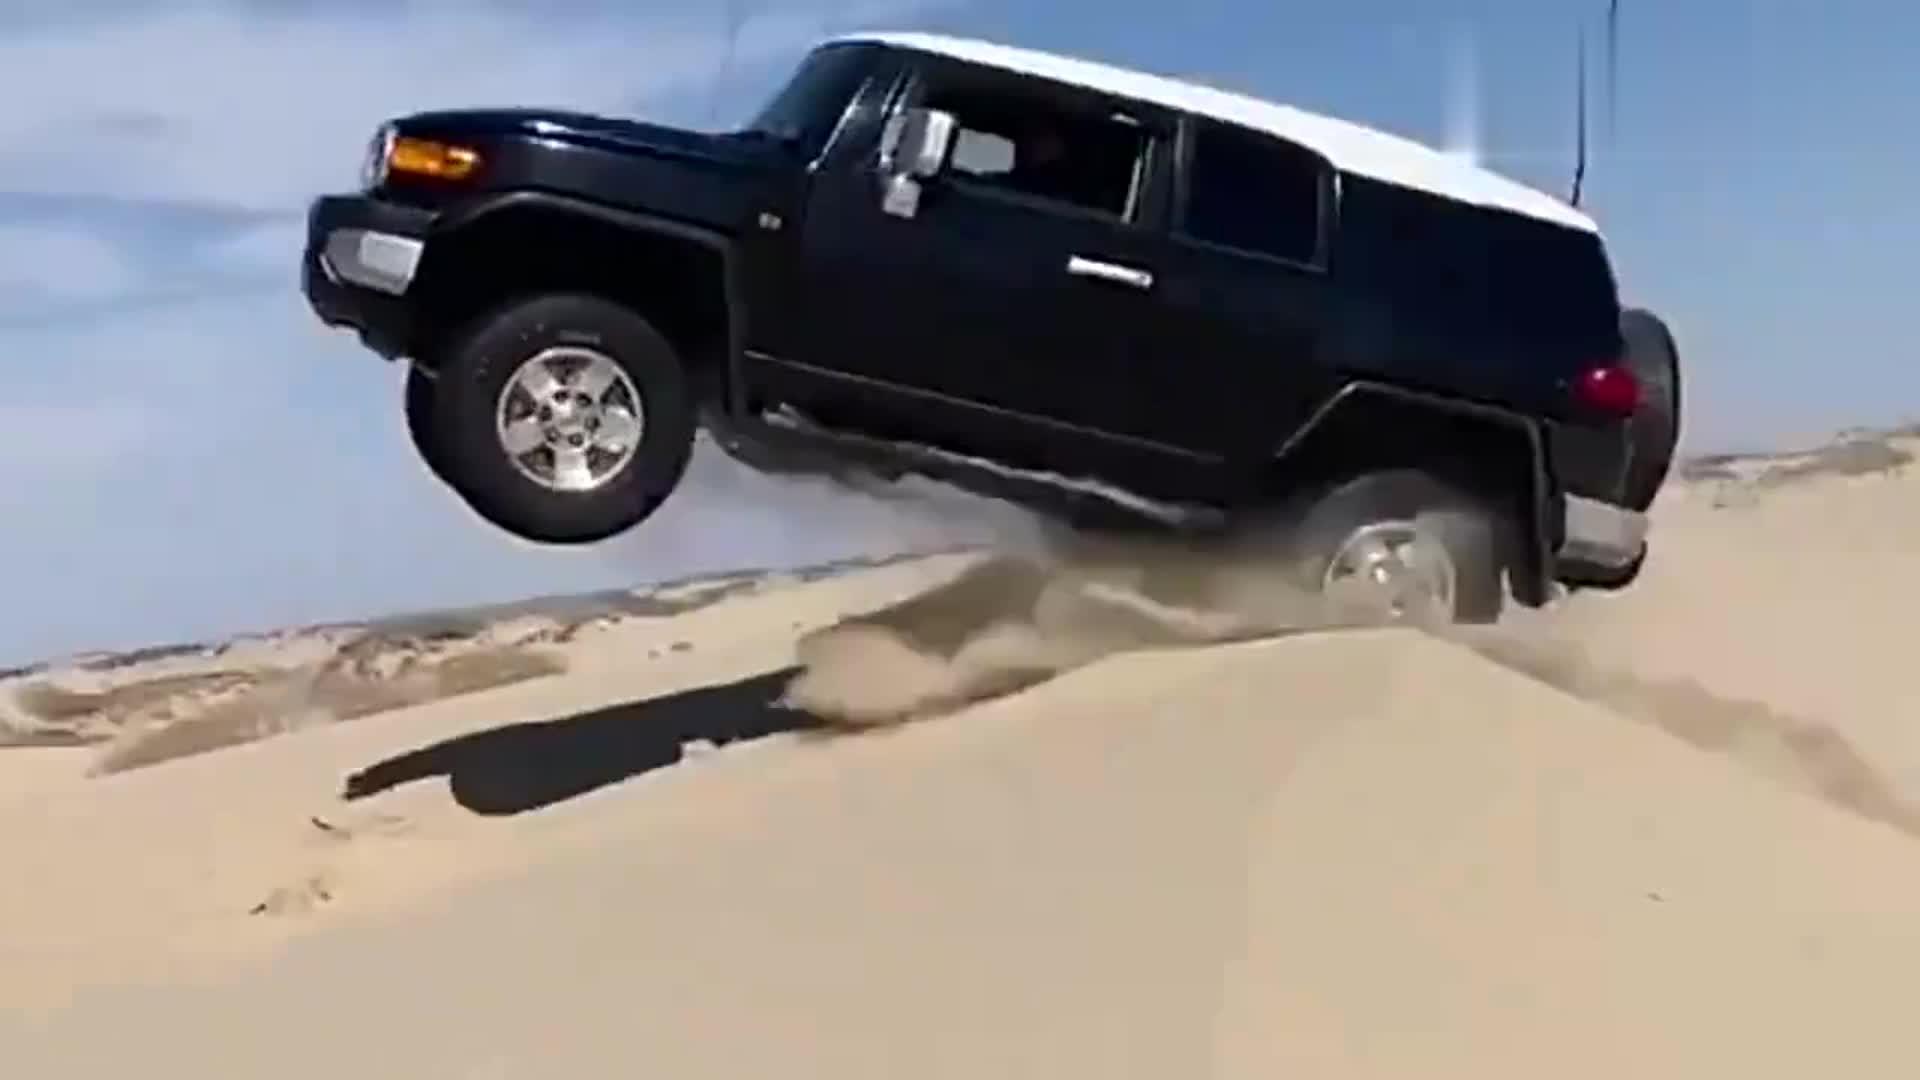 沙漠玩越野你是专业的,5秒后精彩瞬间发生!